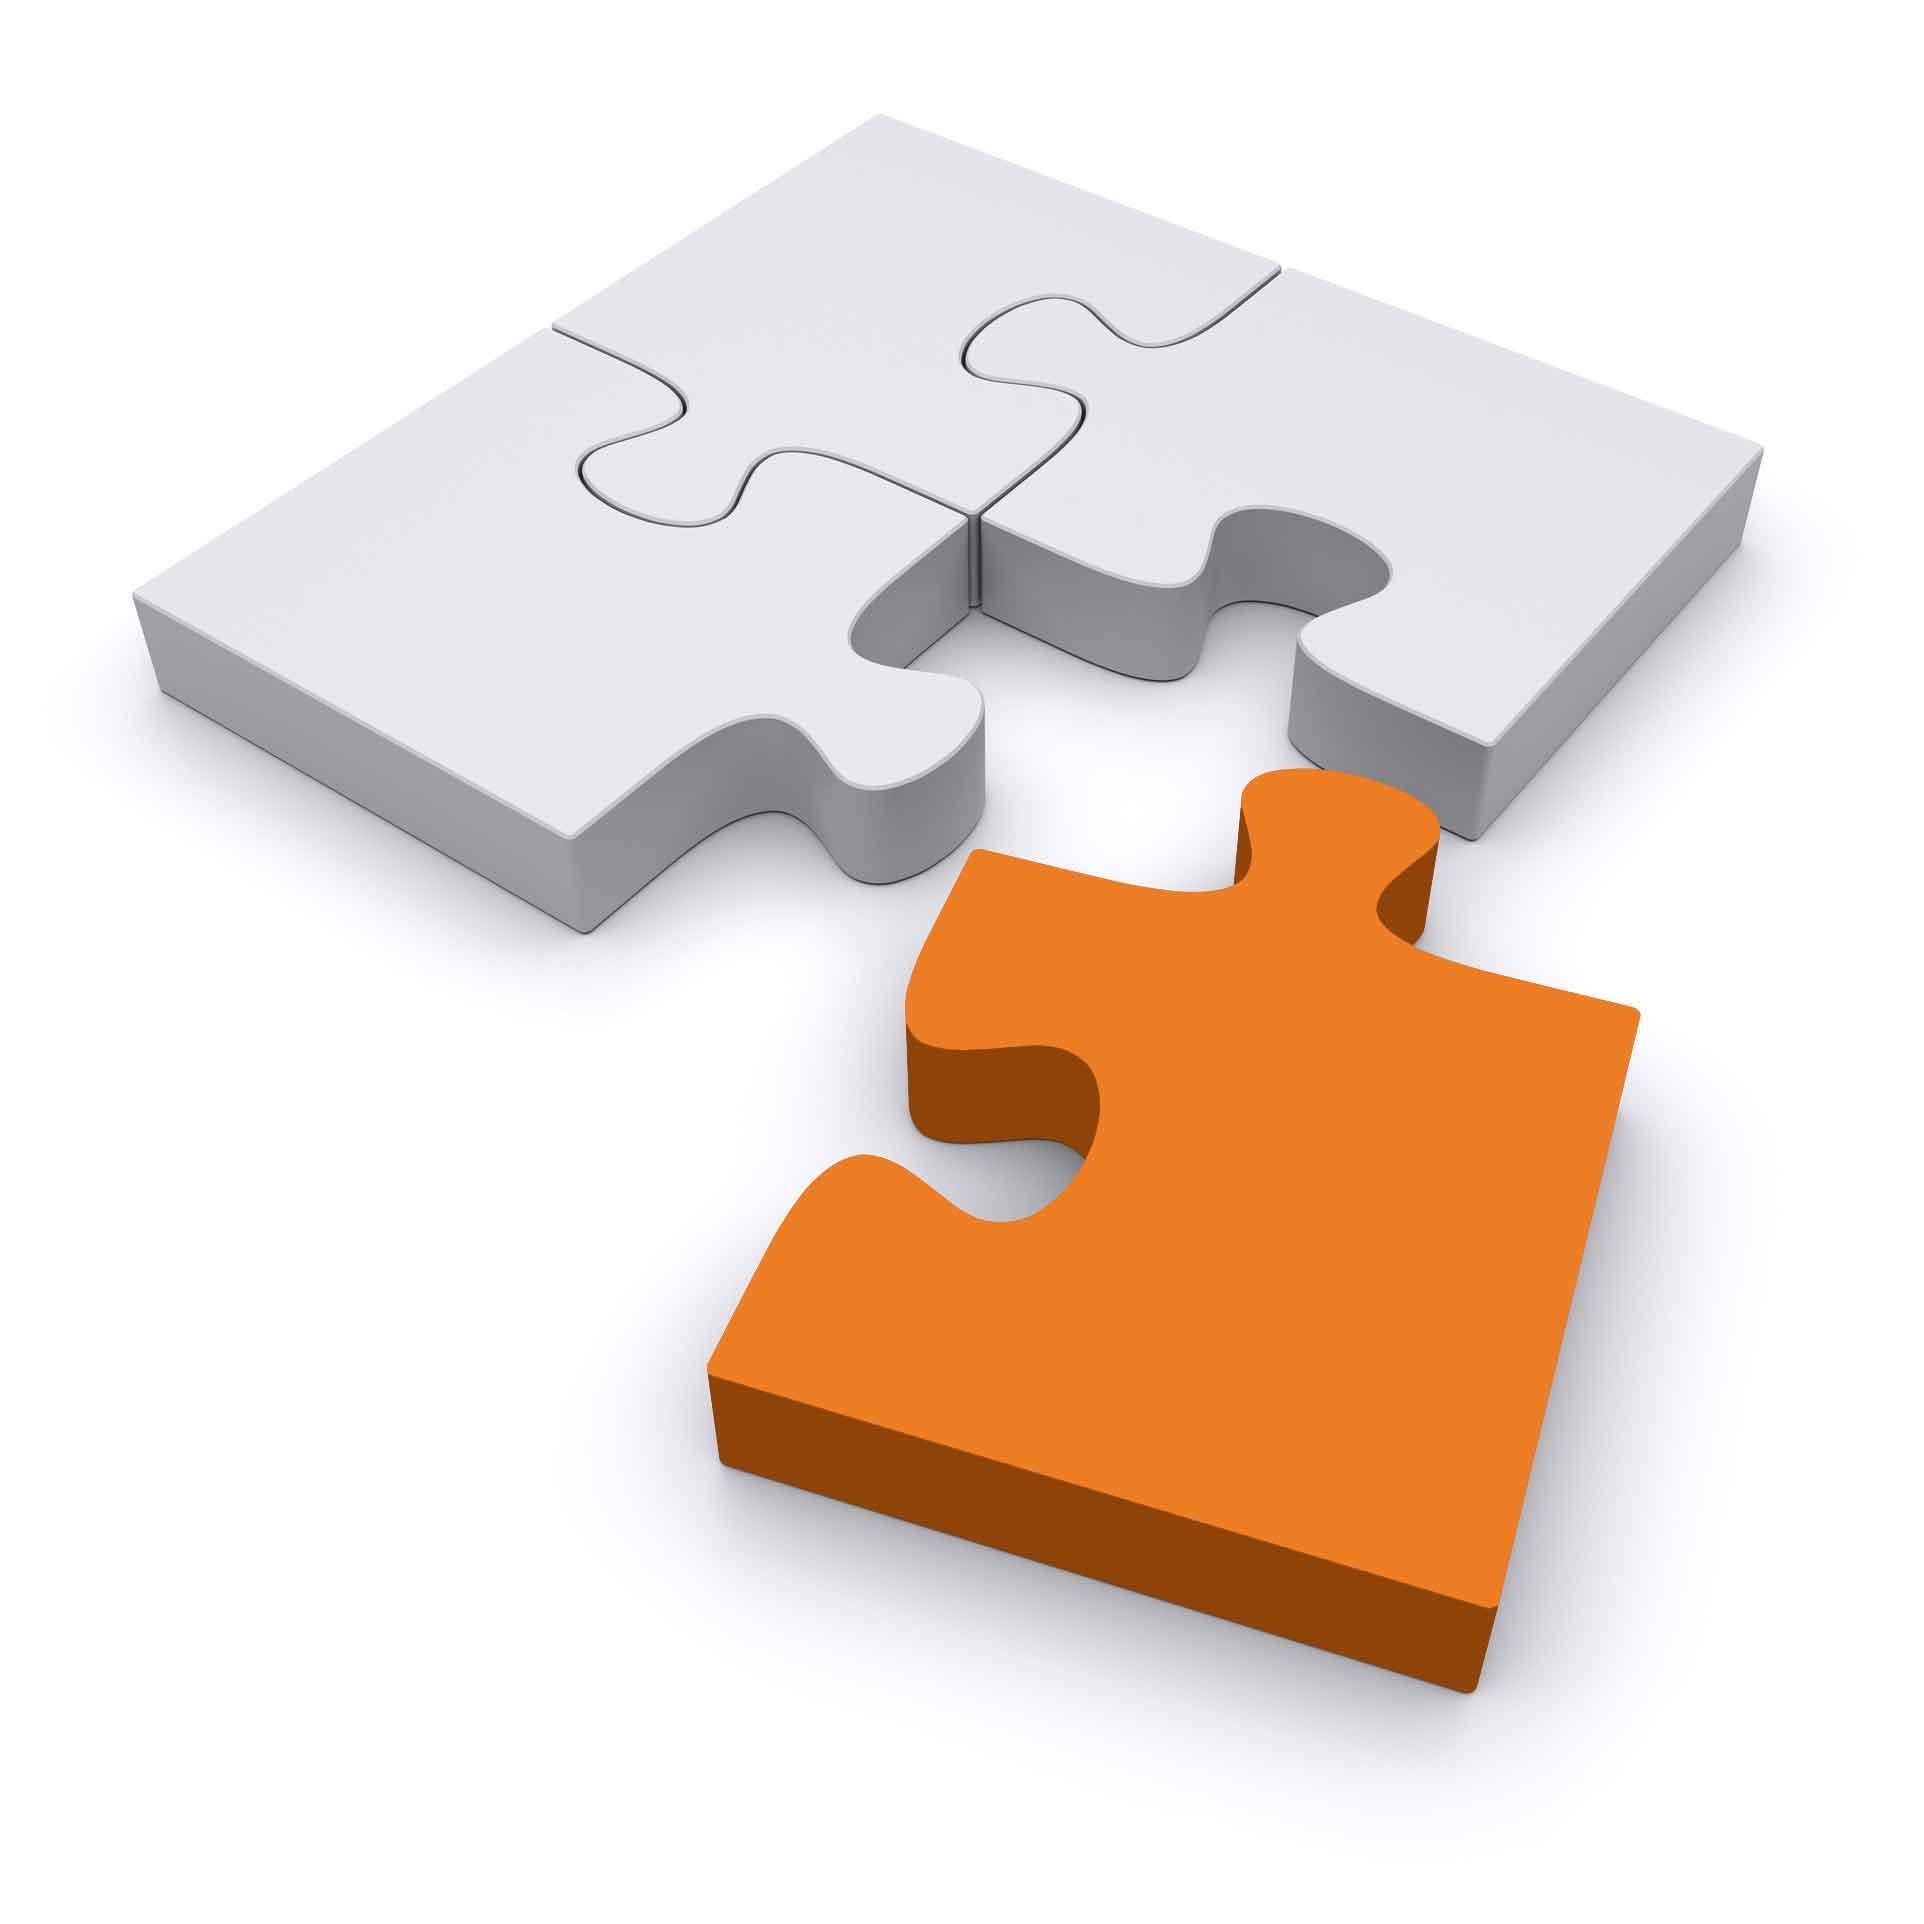 Passt zusammen C+ITEC AG und Teleforte